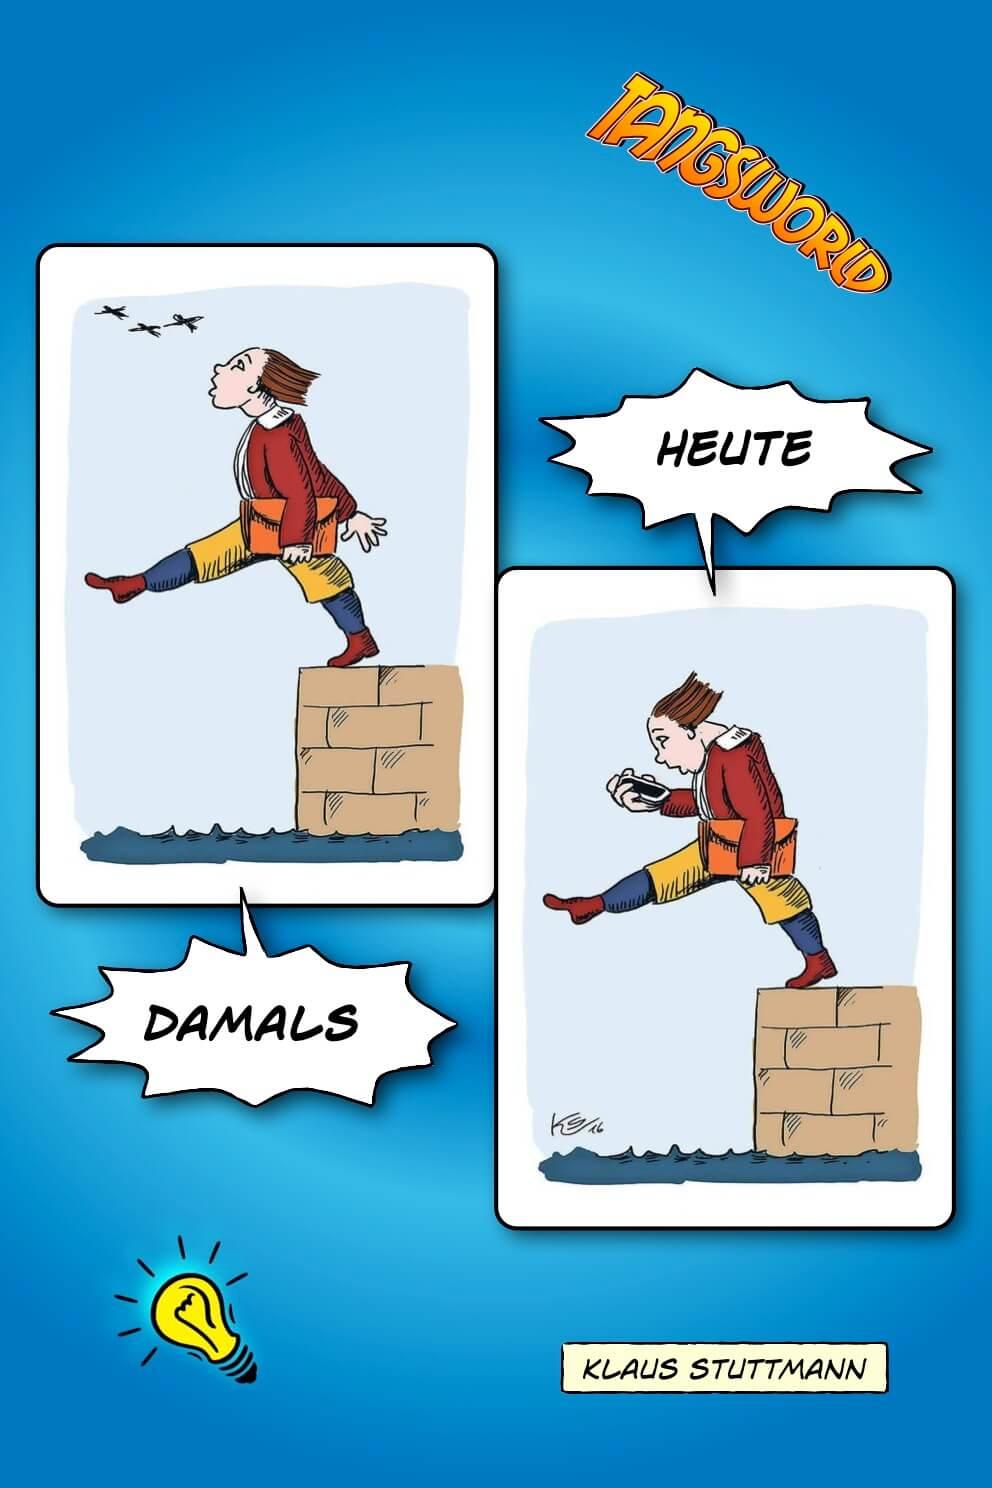 Hans guck in die Luft heute - Klaus Stuntman - Geistesblitze